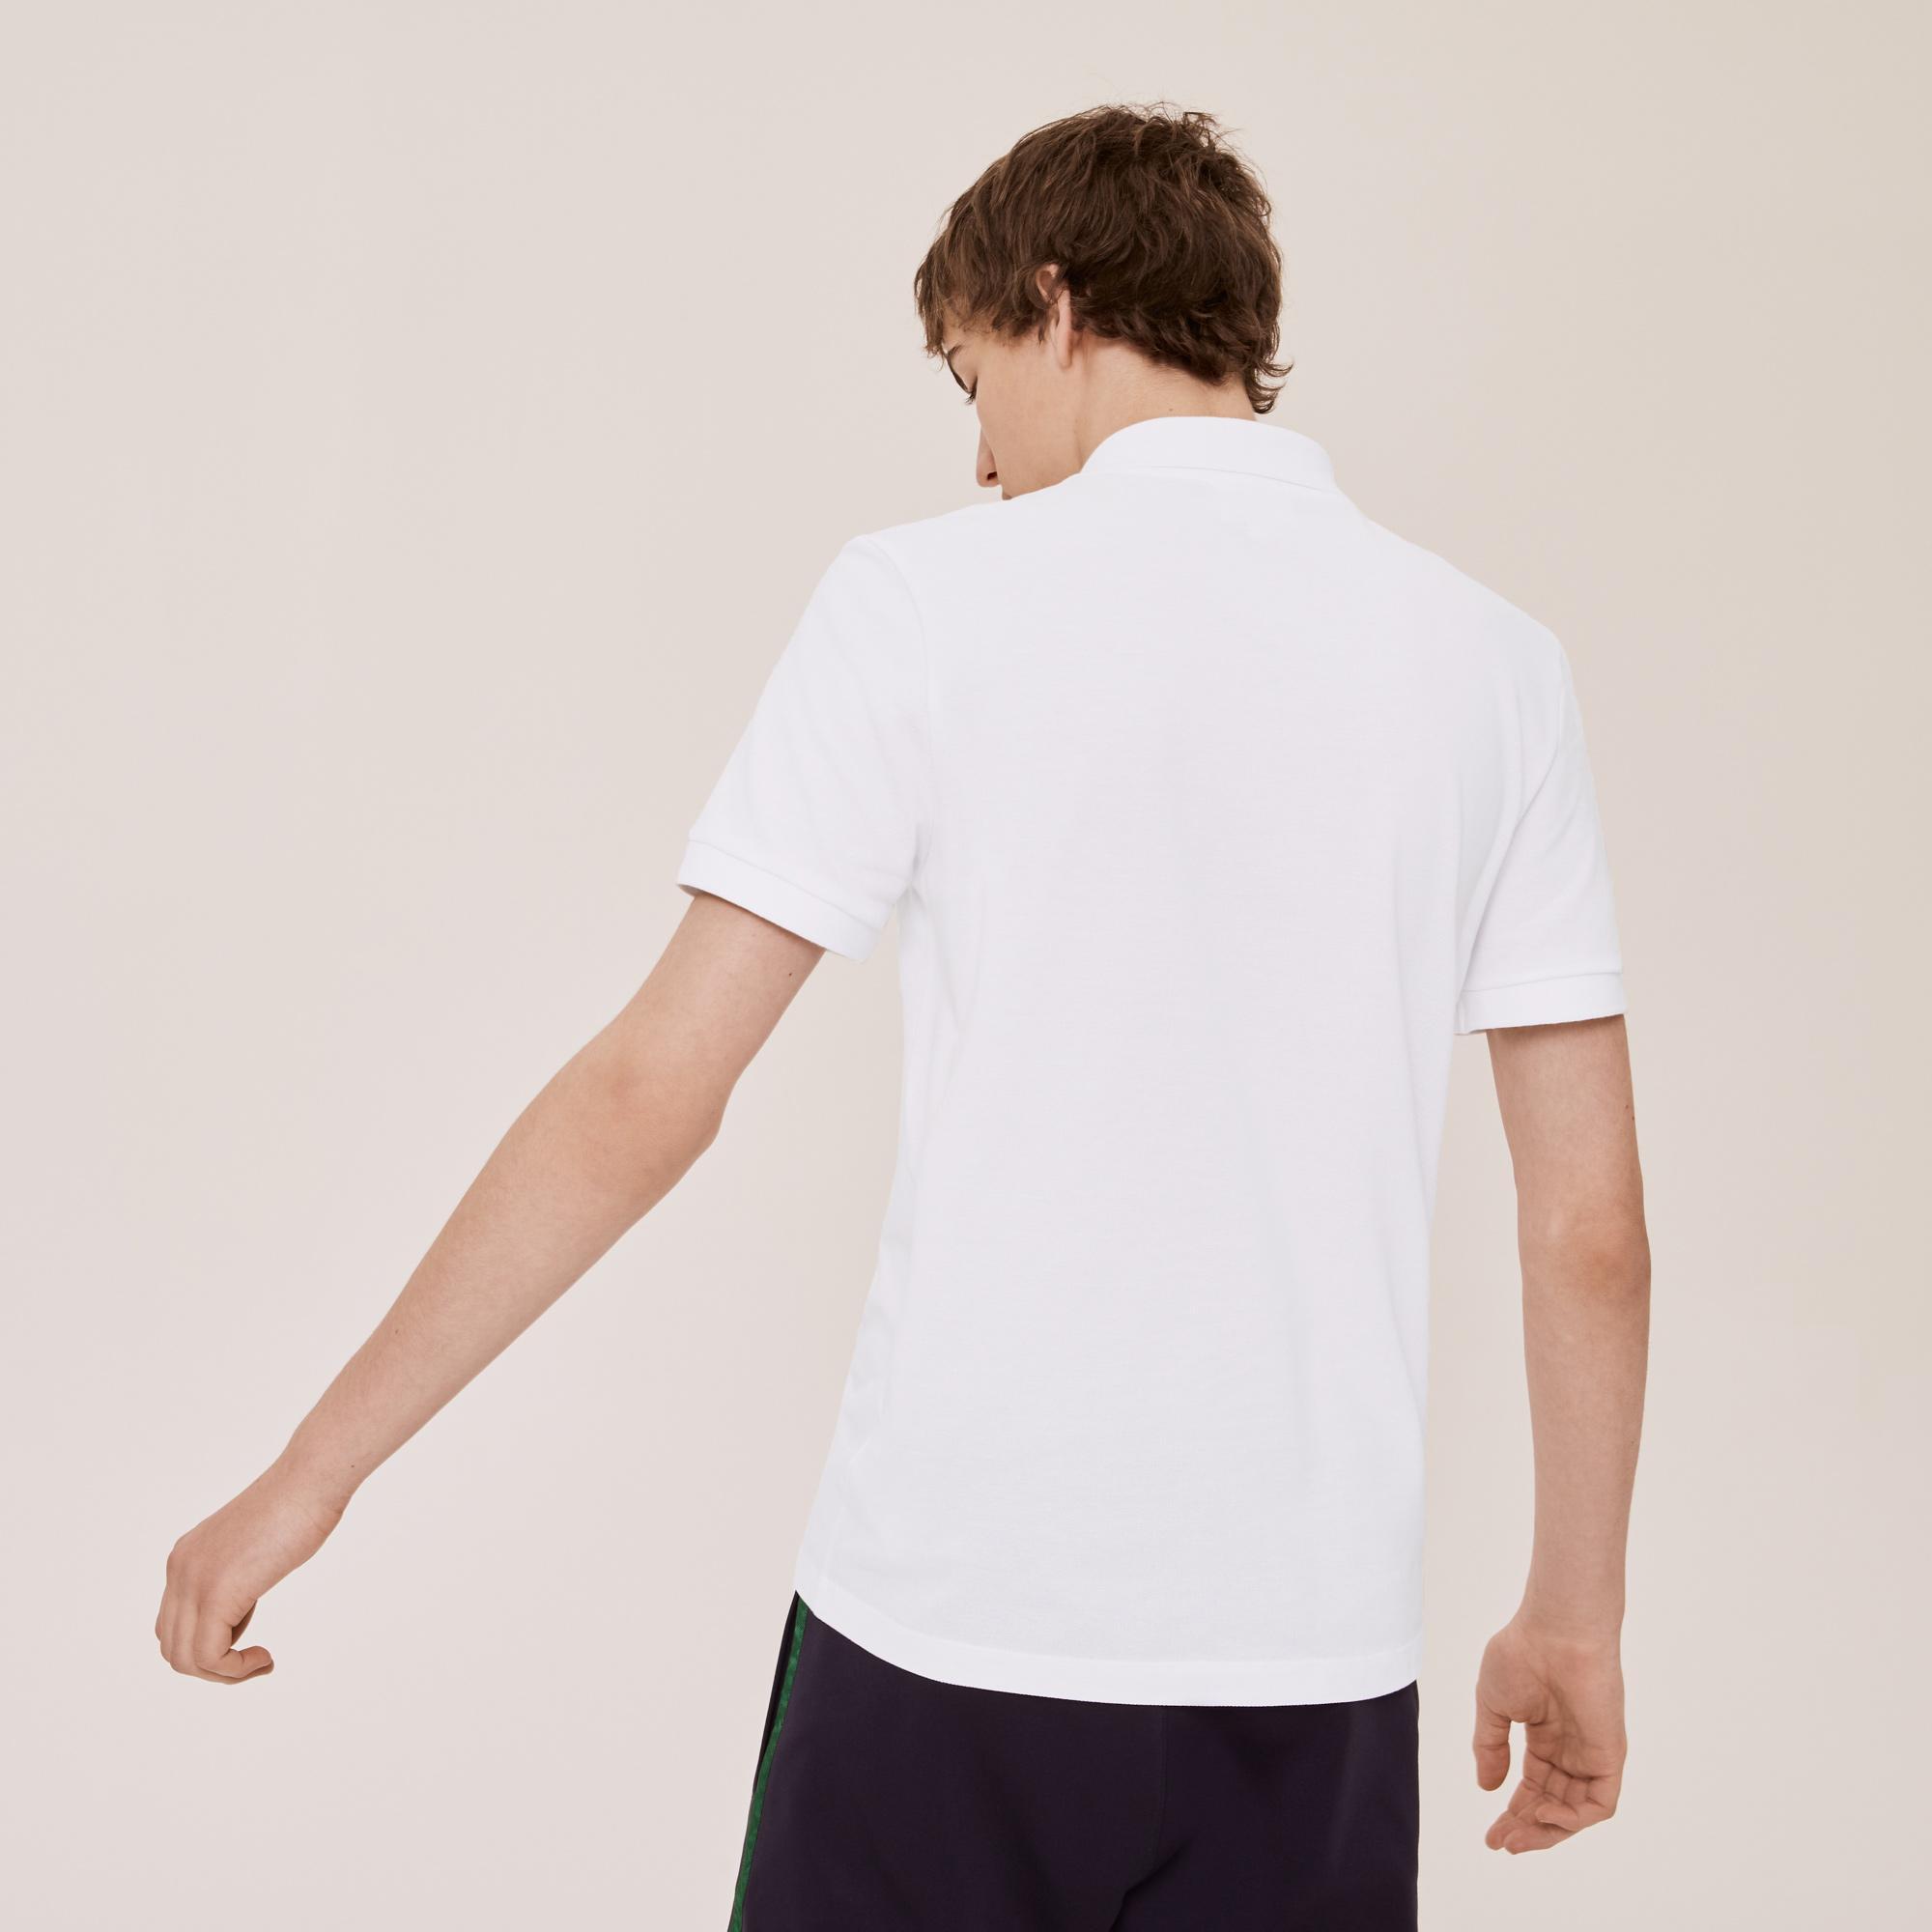 Lacoste Men's Graphic Polo